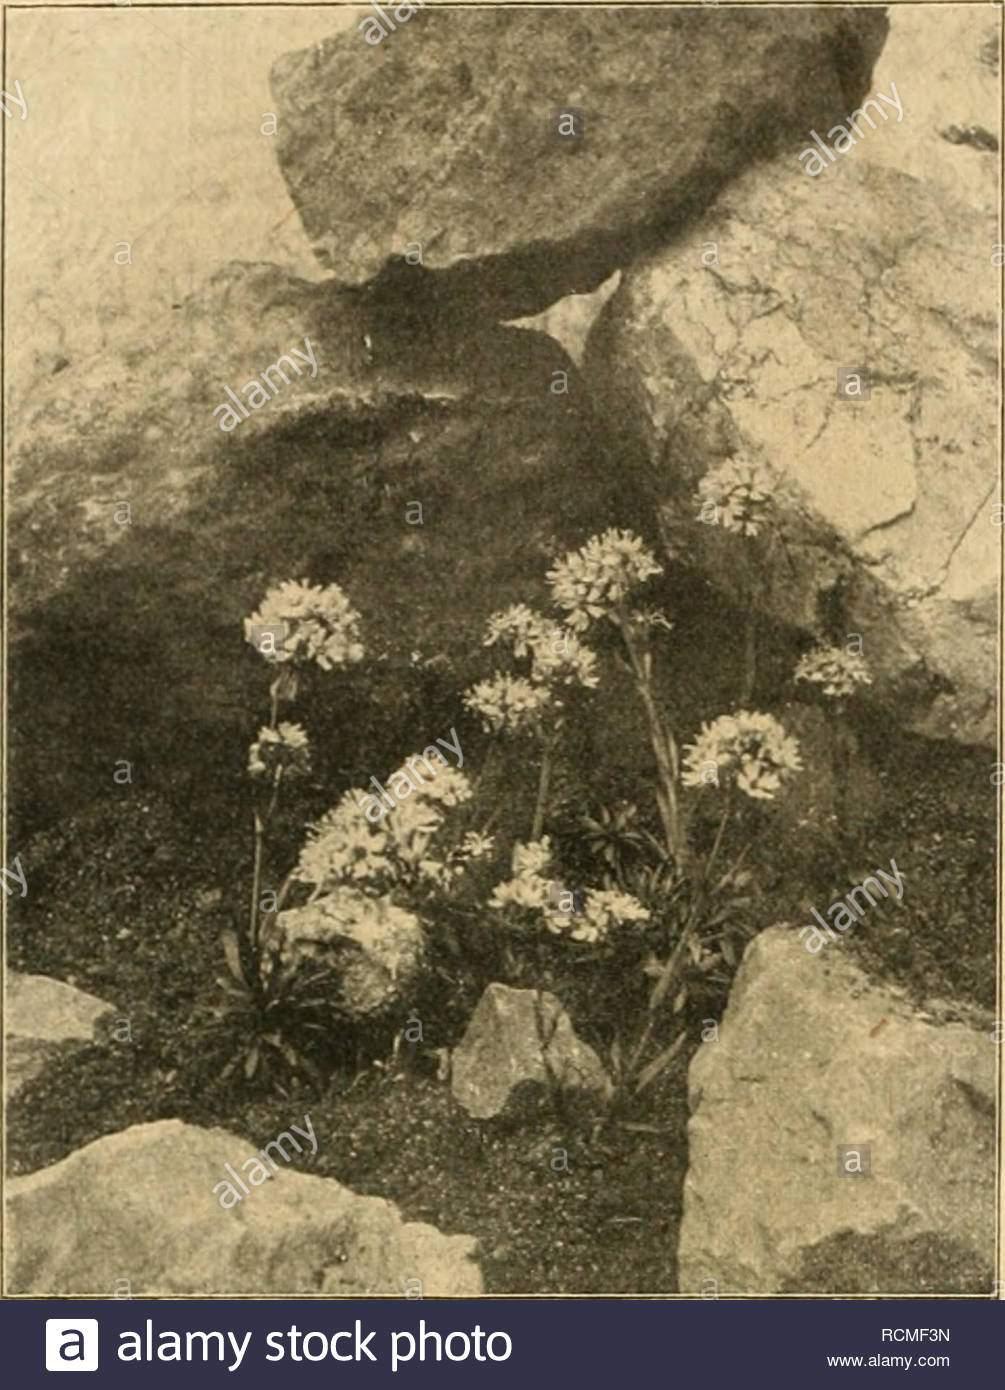 gartenwelt gardening 306 garteuwelt xxll 31 doldentraubigen bltchen sind von prachtvoller rosenroter frbung im sdlichen tirol in der schweiz und italien wchst se art auf wiesen und gebirgstriften im park sowie auf der staudenrabatte ist sie eine hbsche erscheinung hufigere verwendung ver nt h zrnitz lychnis alpina jeffersonia dubia beoth se aus der mandschurei bei uns eingefhrte pflanze ist in der kultur noch wenig anzutreffen als waldhumuspflanze hat sie eine beschrnkte verwendung jeffersonia bildet kleine 1520 cm hohe bsche aus der p RCMF3N